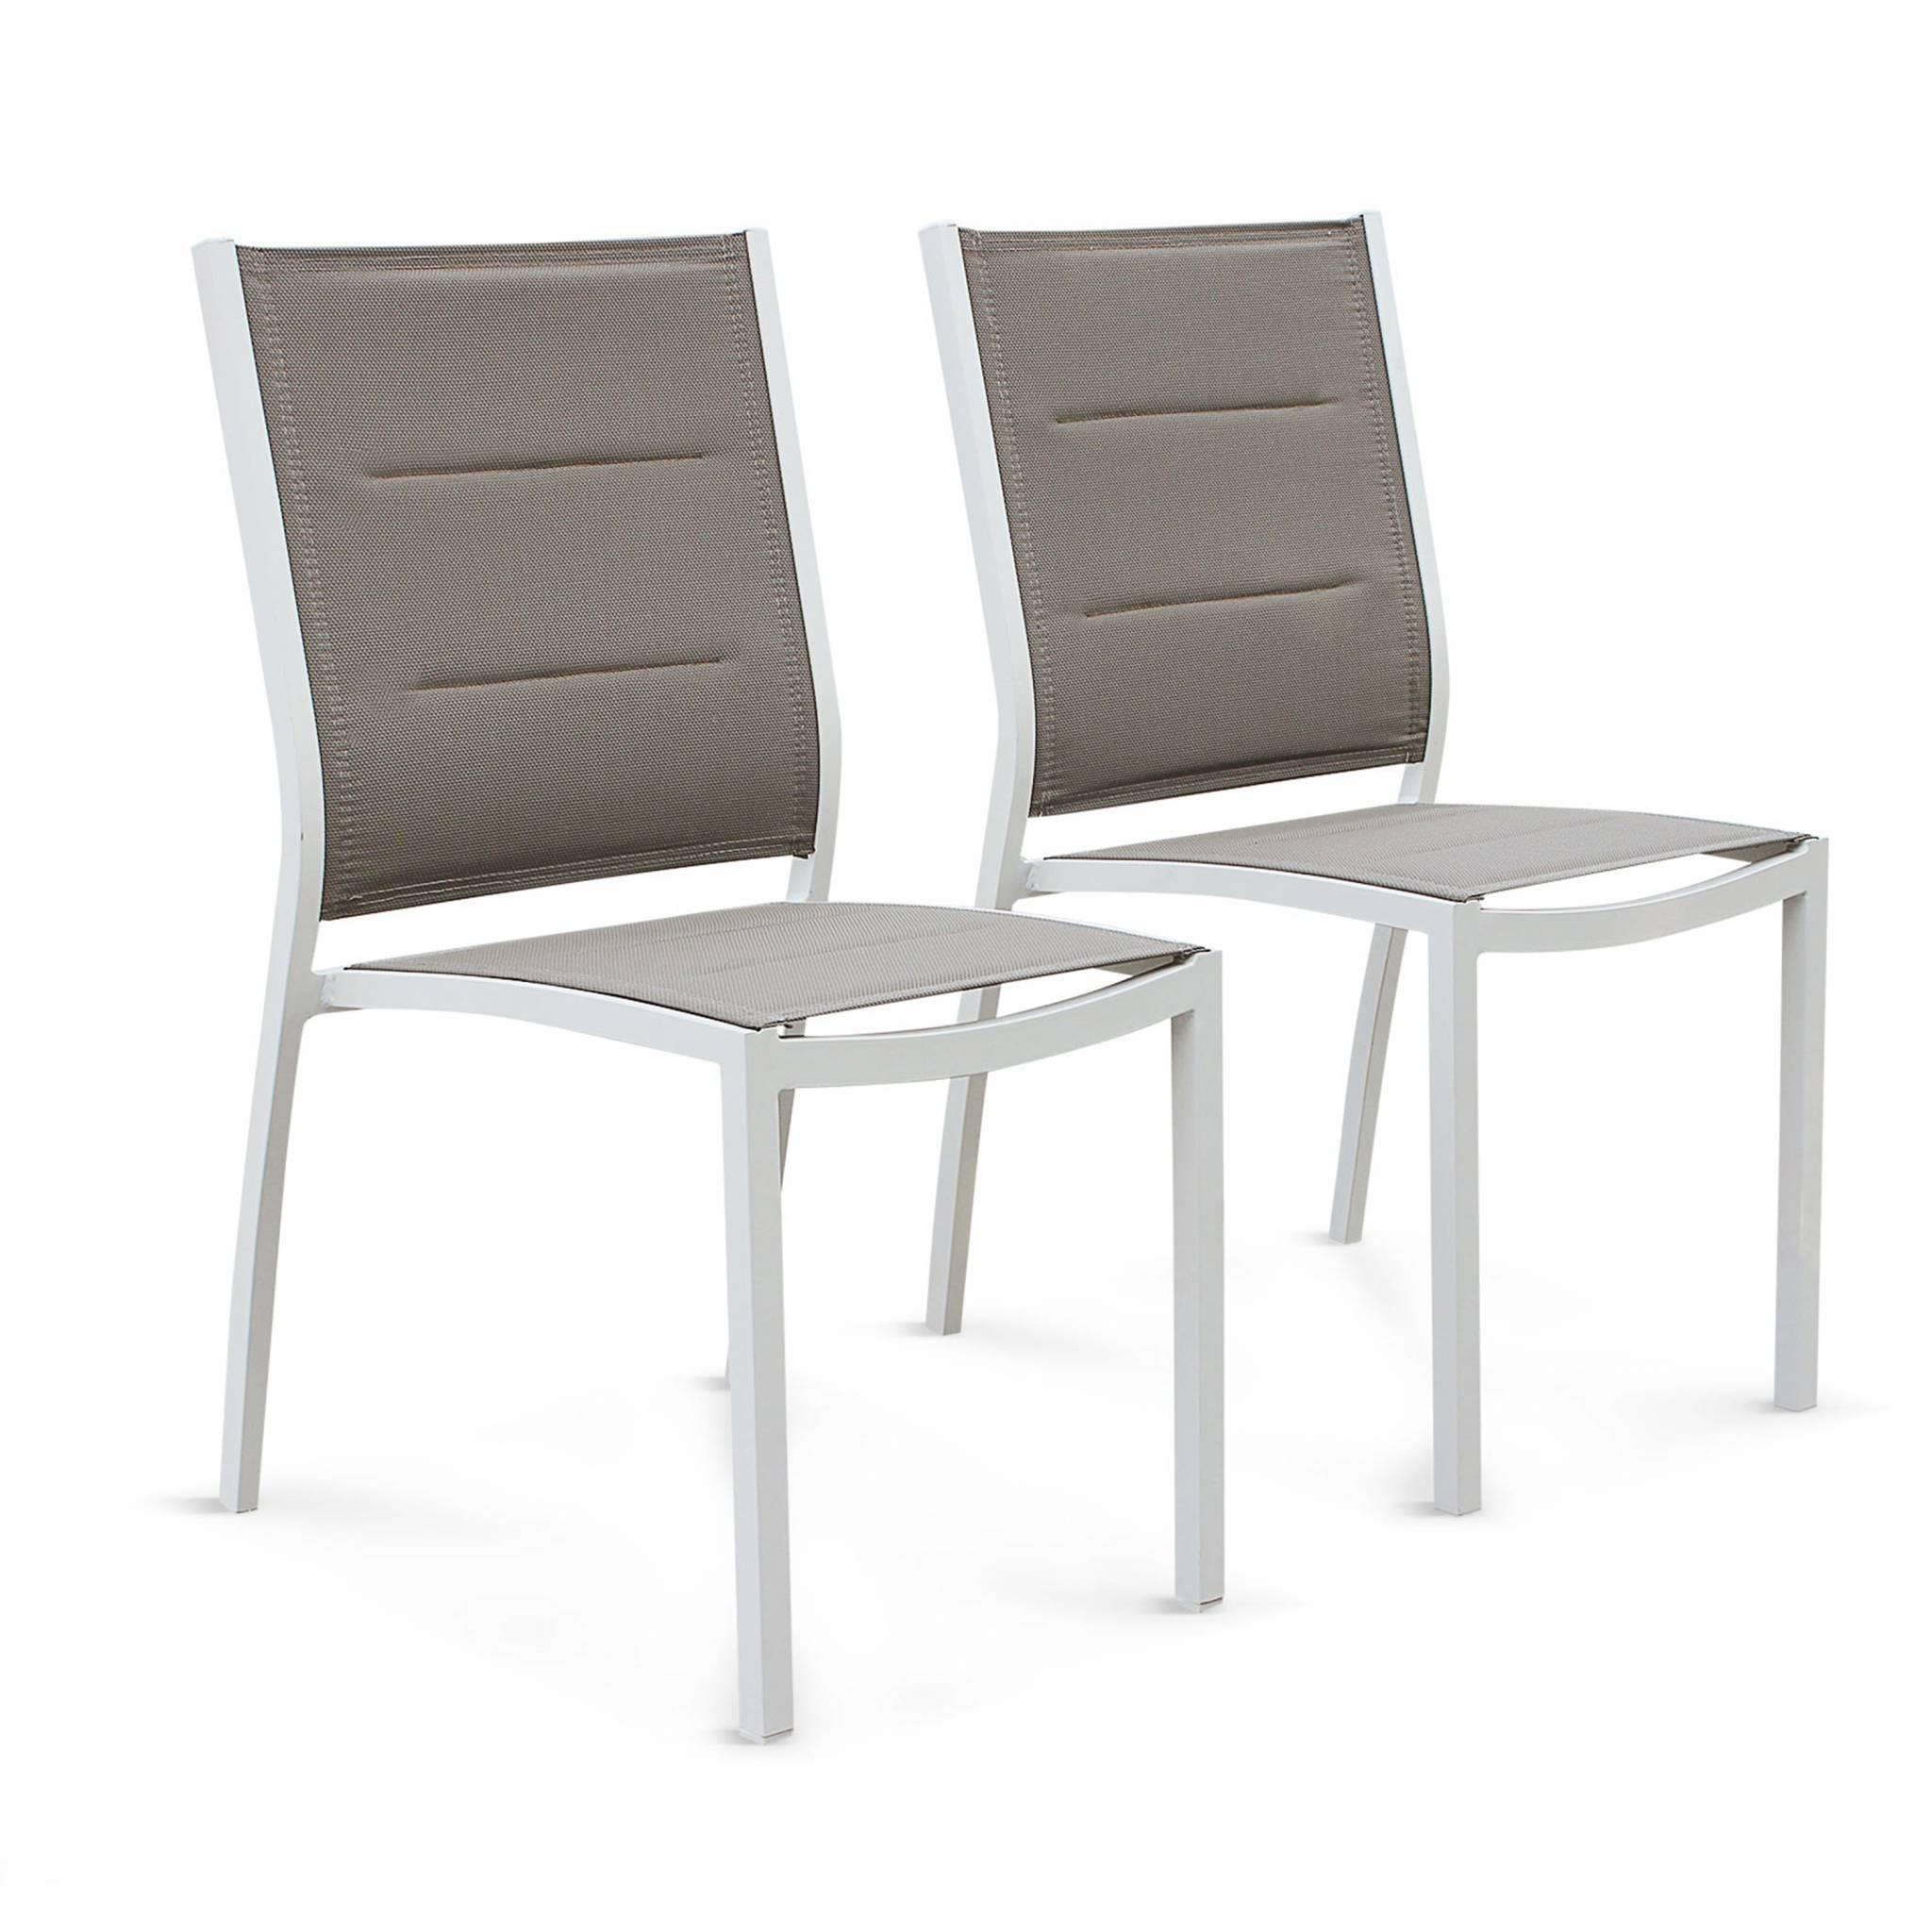 Lot de 2 chaises en aluminium blanc et textilène taupe